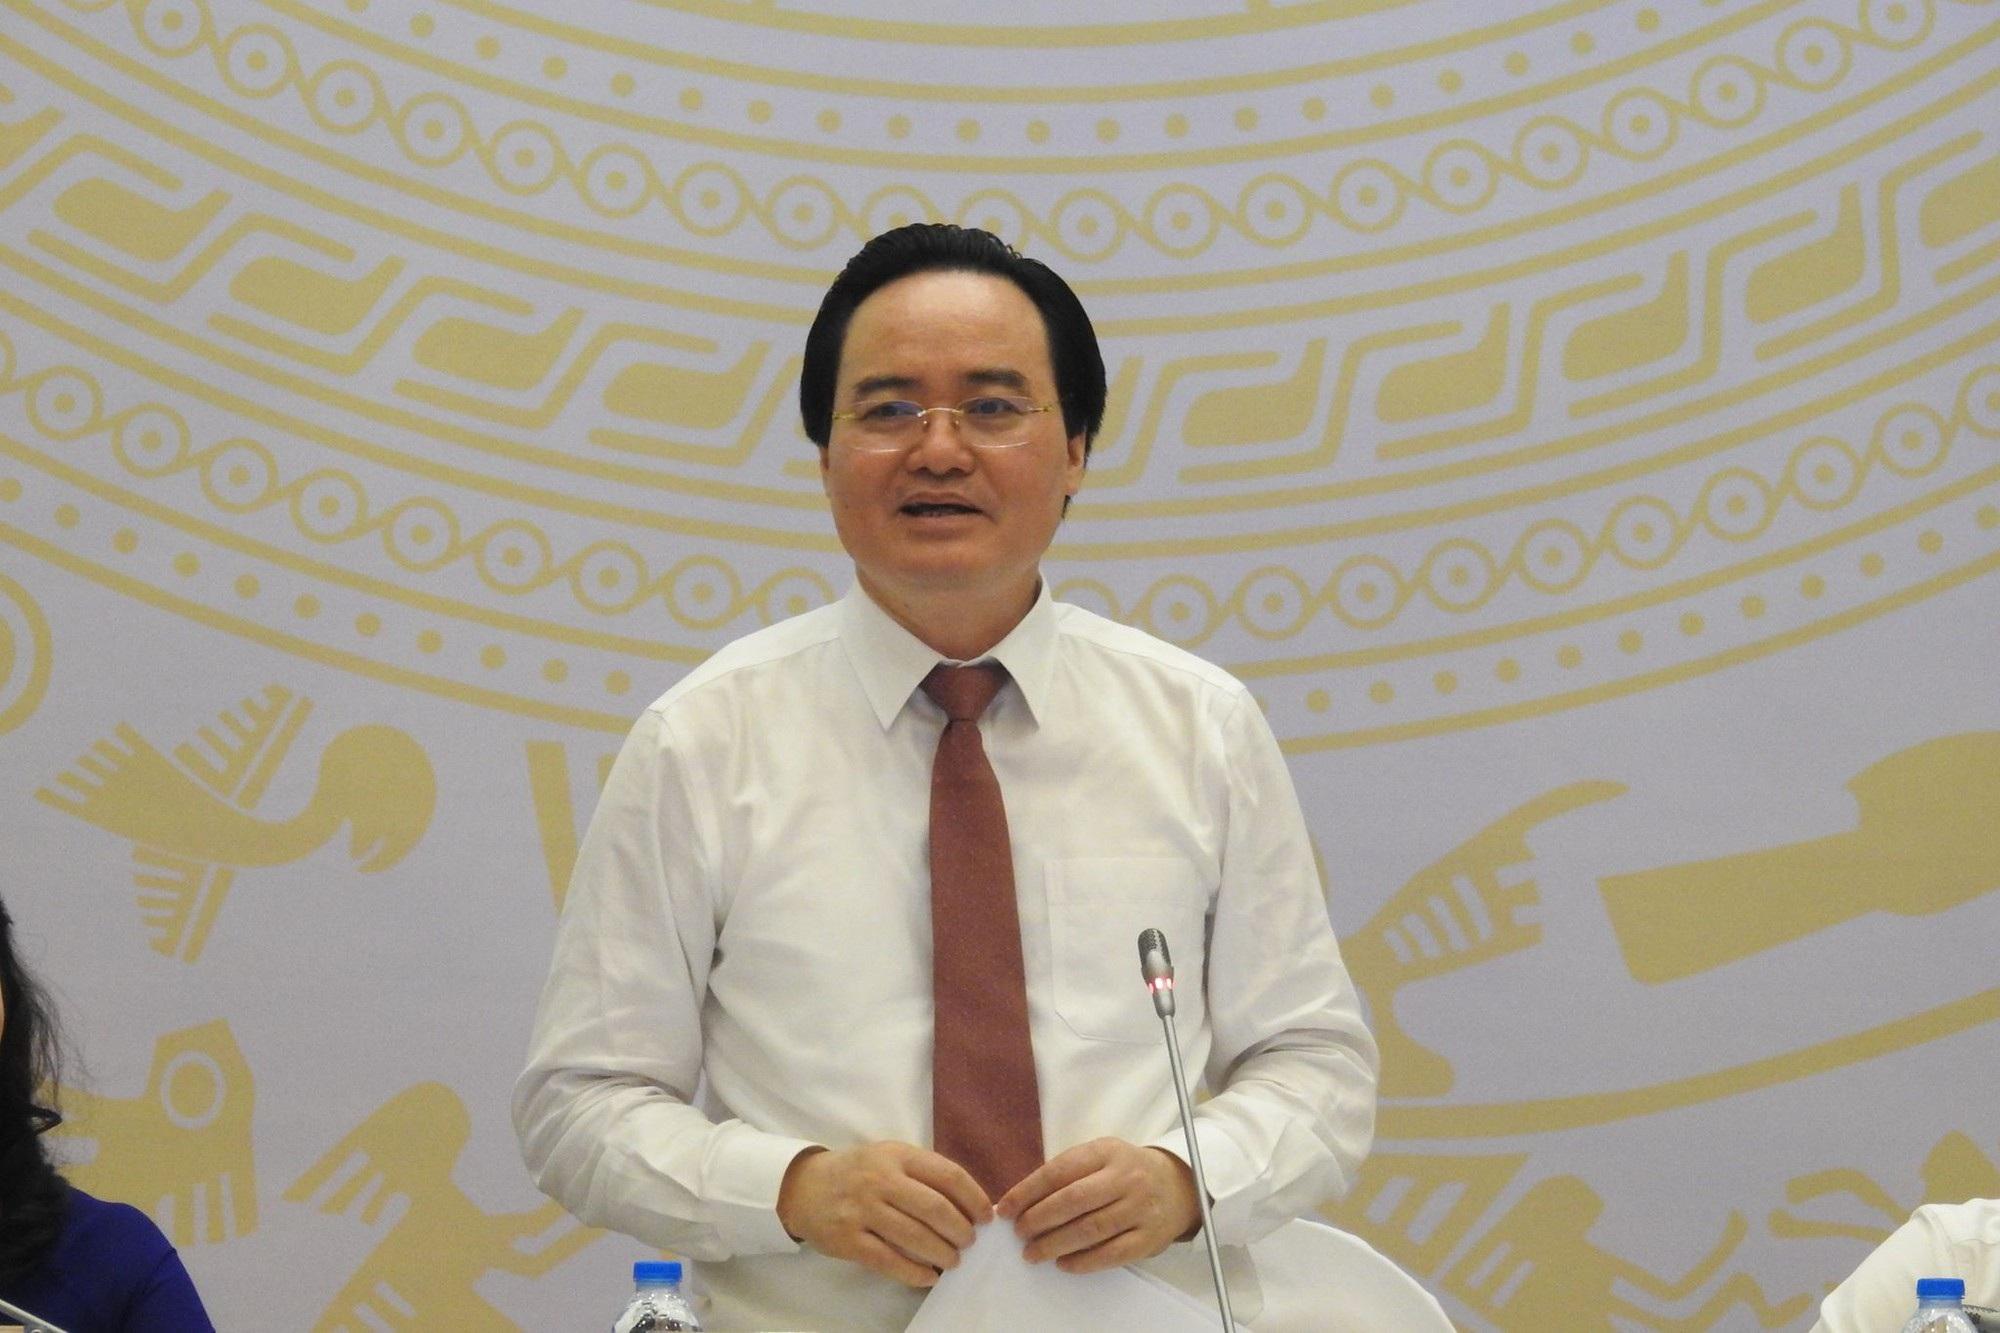 Bộ trưởng Phùng Xuân Nhạ tại Hội nghị. (Ảnh: Đ.Q).